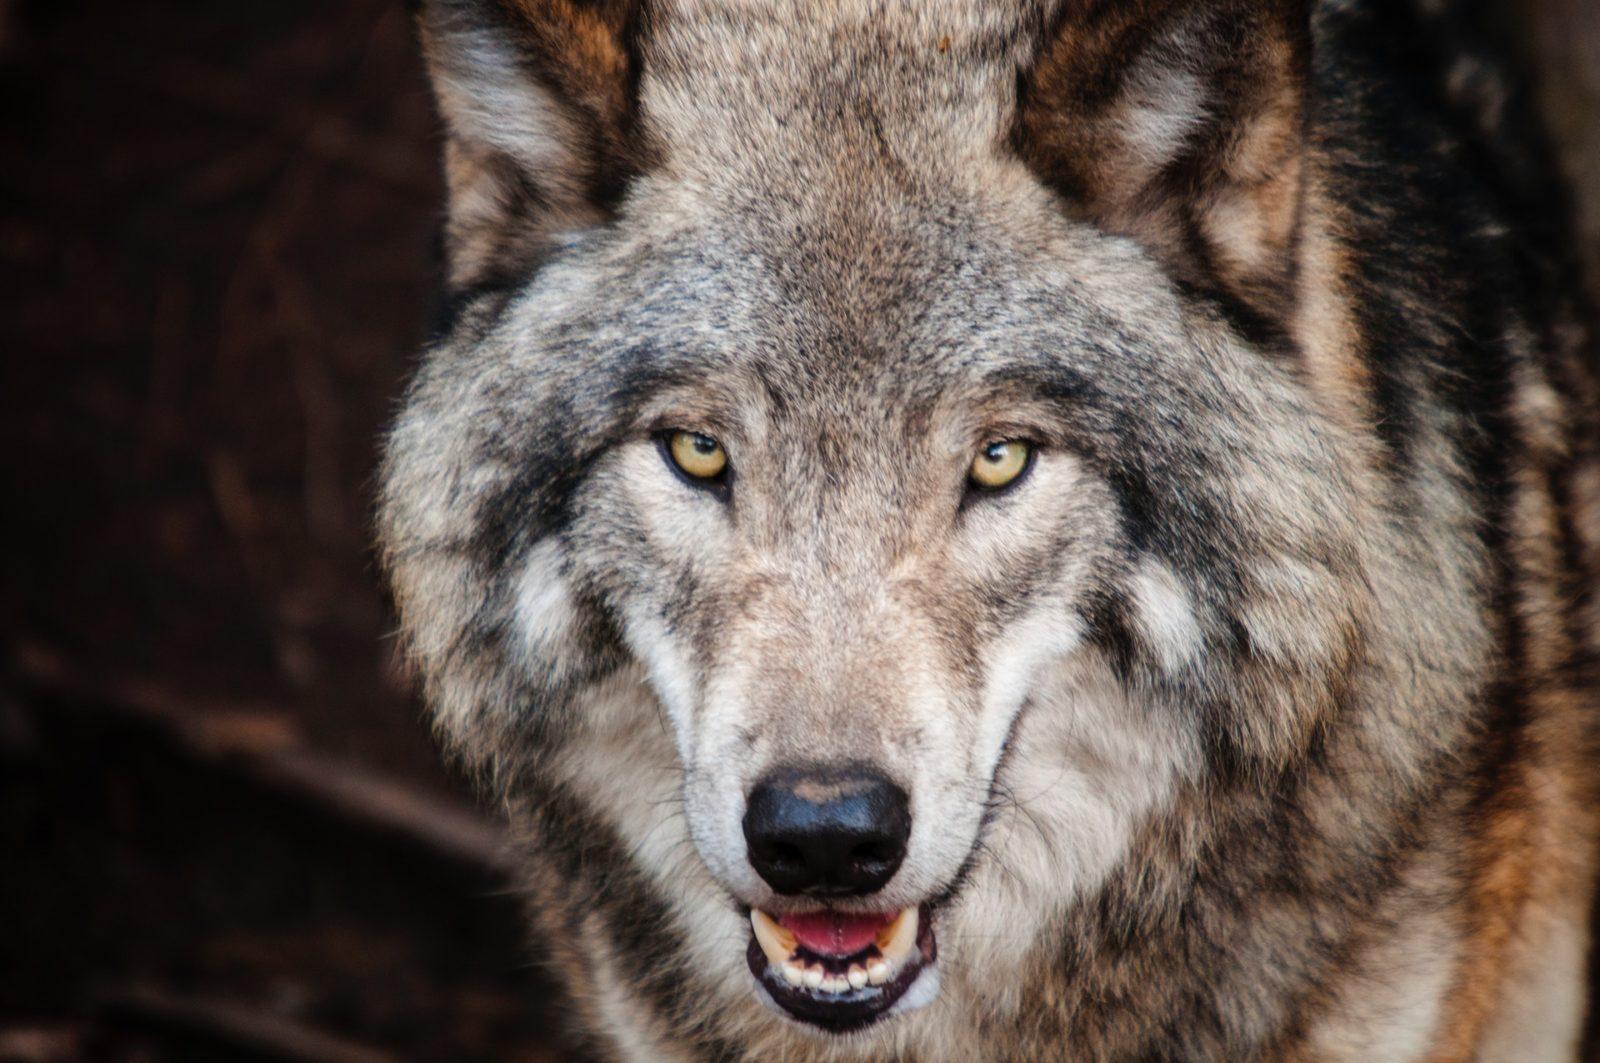 Sonhar com lobo é sinal de sentimentos e emoções desafiados.